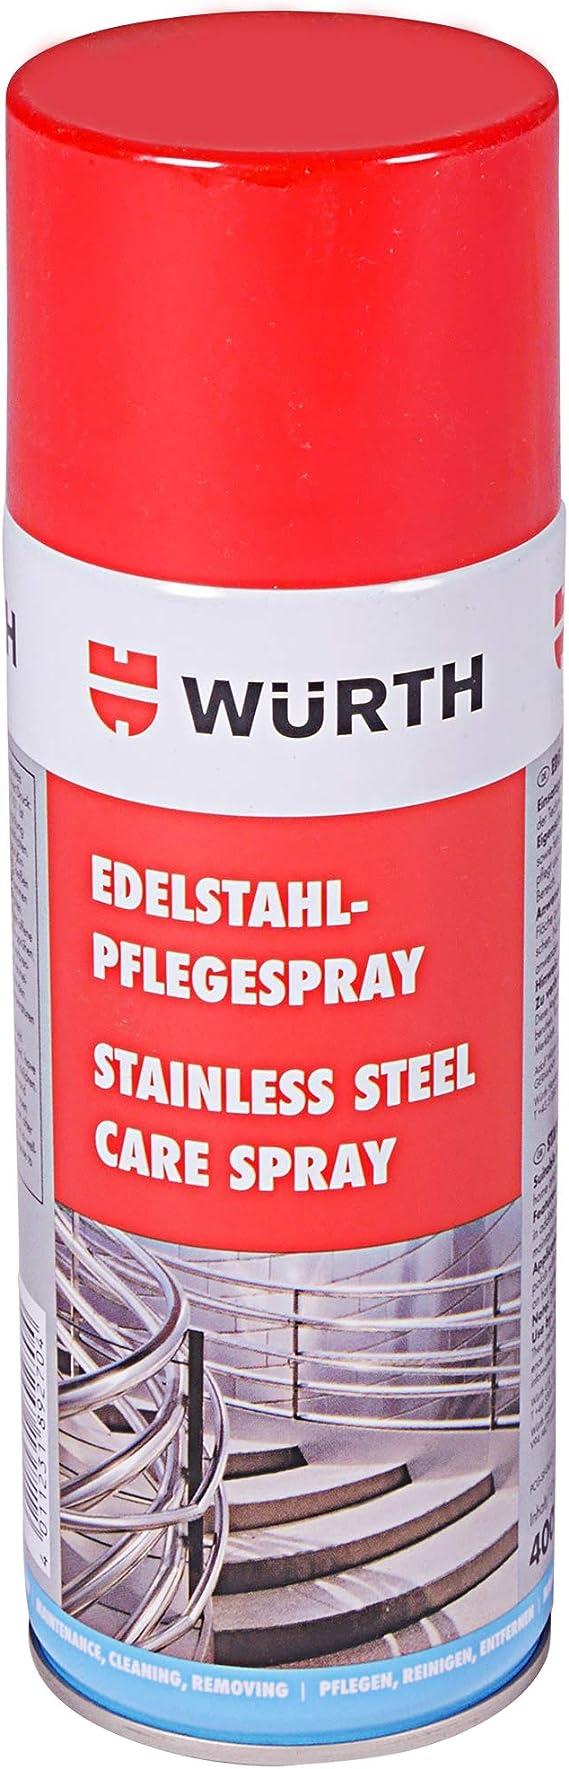 Würth Edelstahl Pflegespray 400ml Edelstahlreiniger Pflege Spray Küche Haushalt